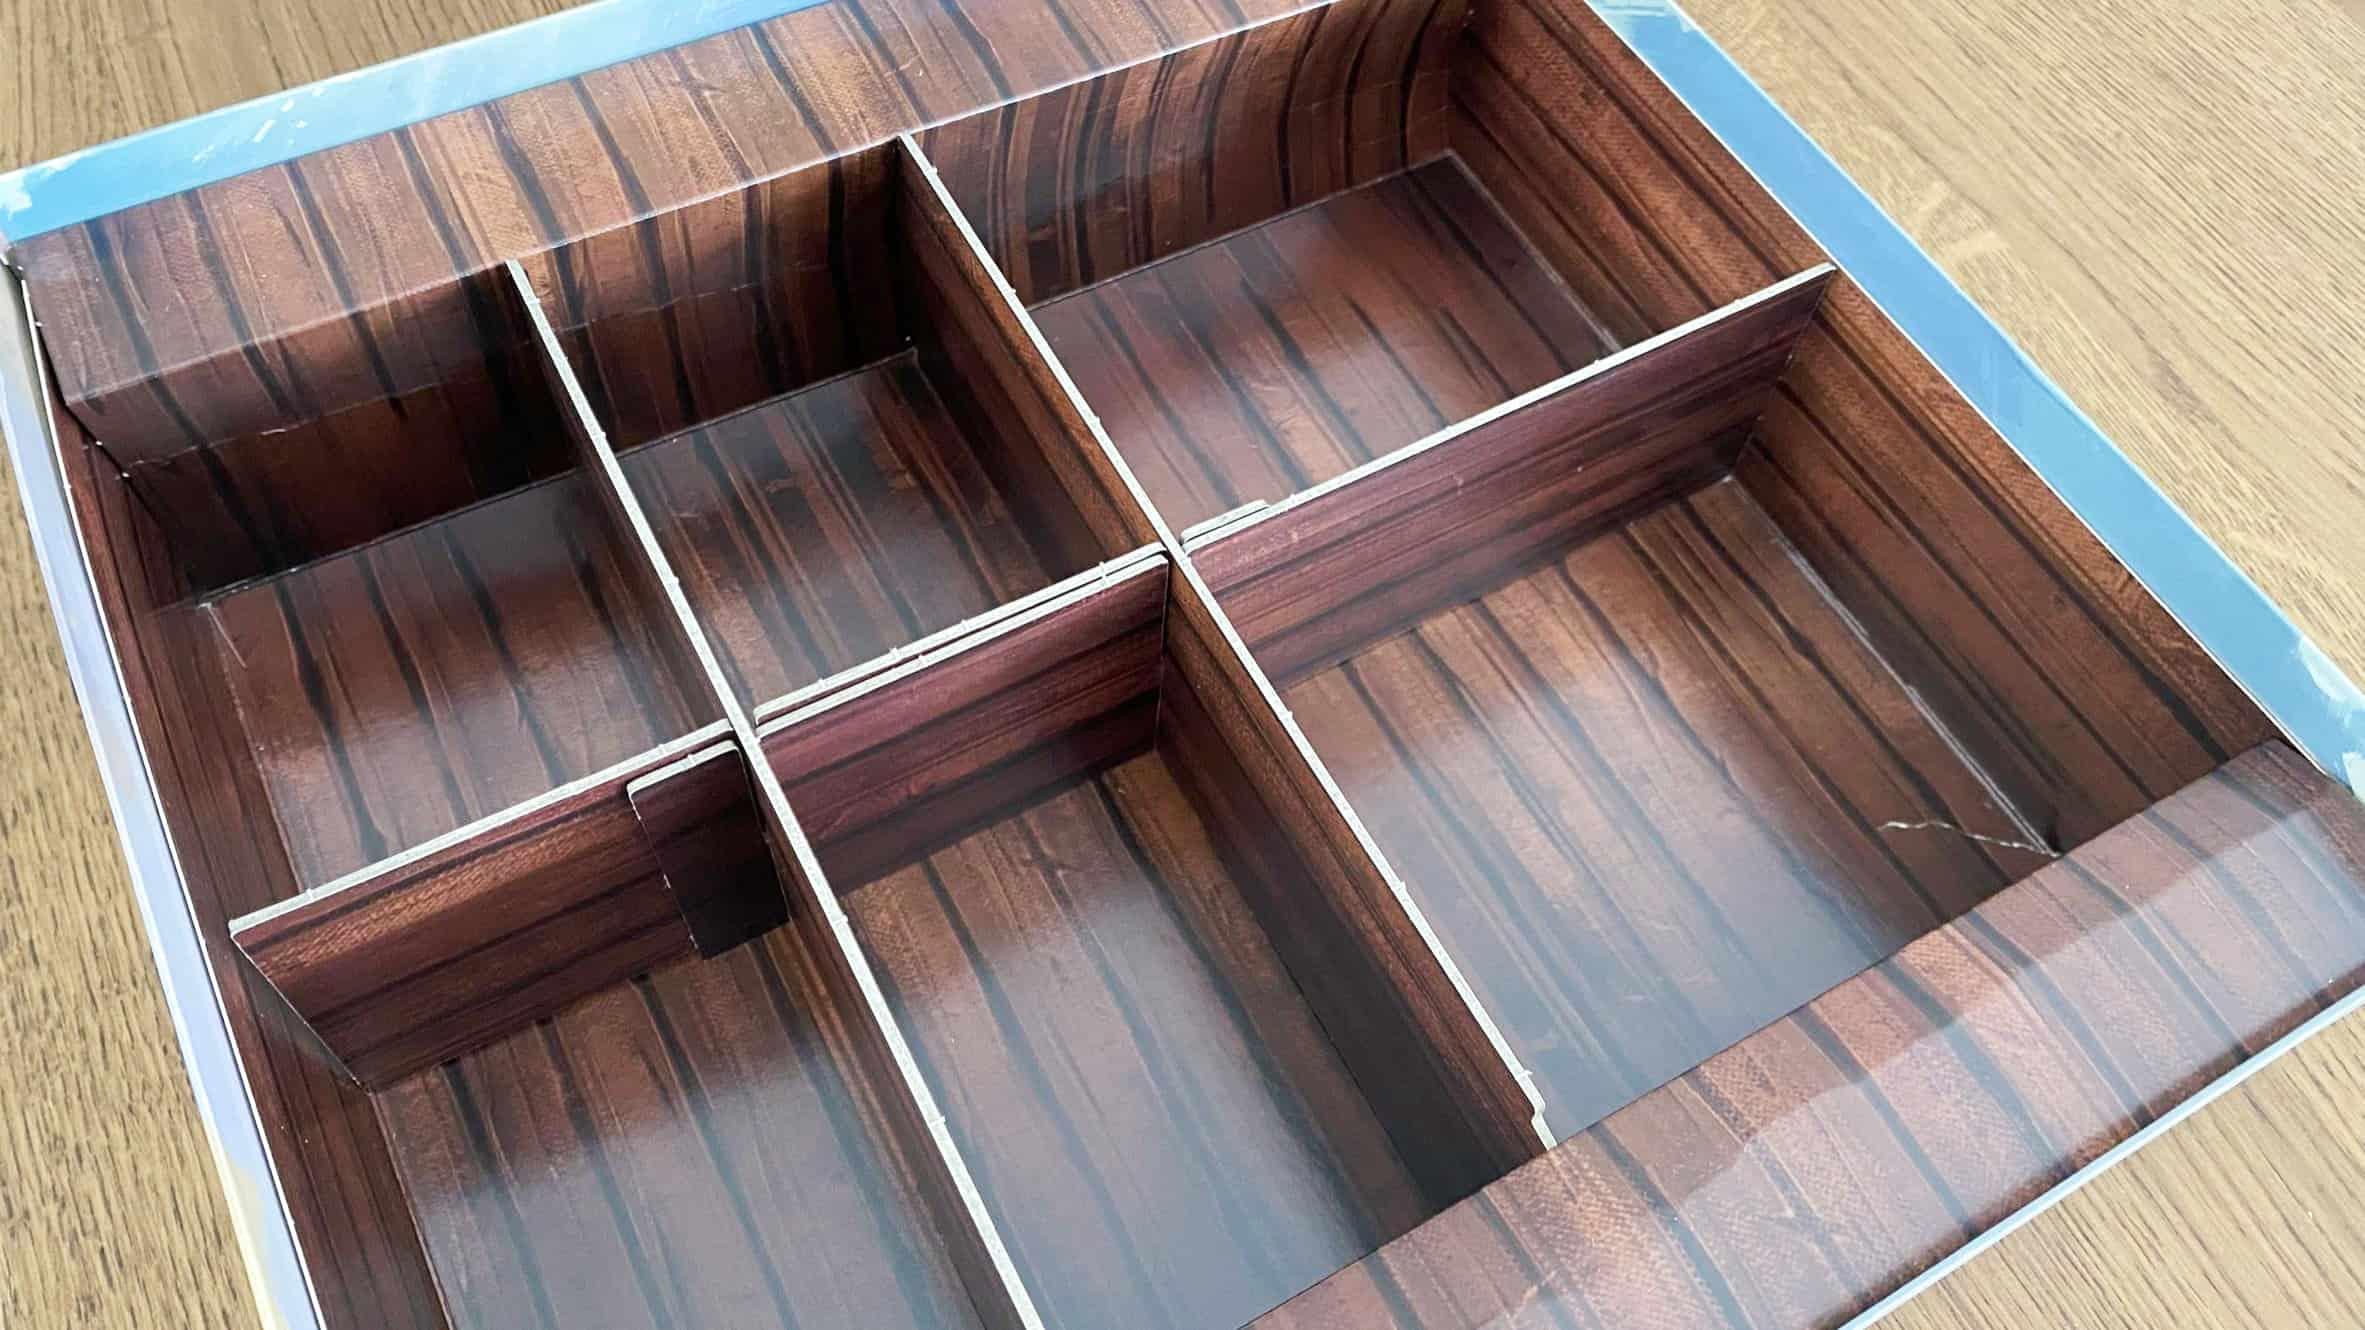 Seas of Hansan laatikon lokerikko tyhjänä